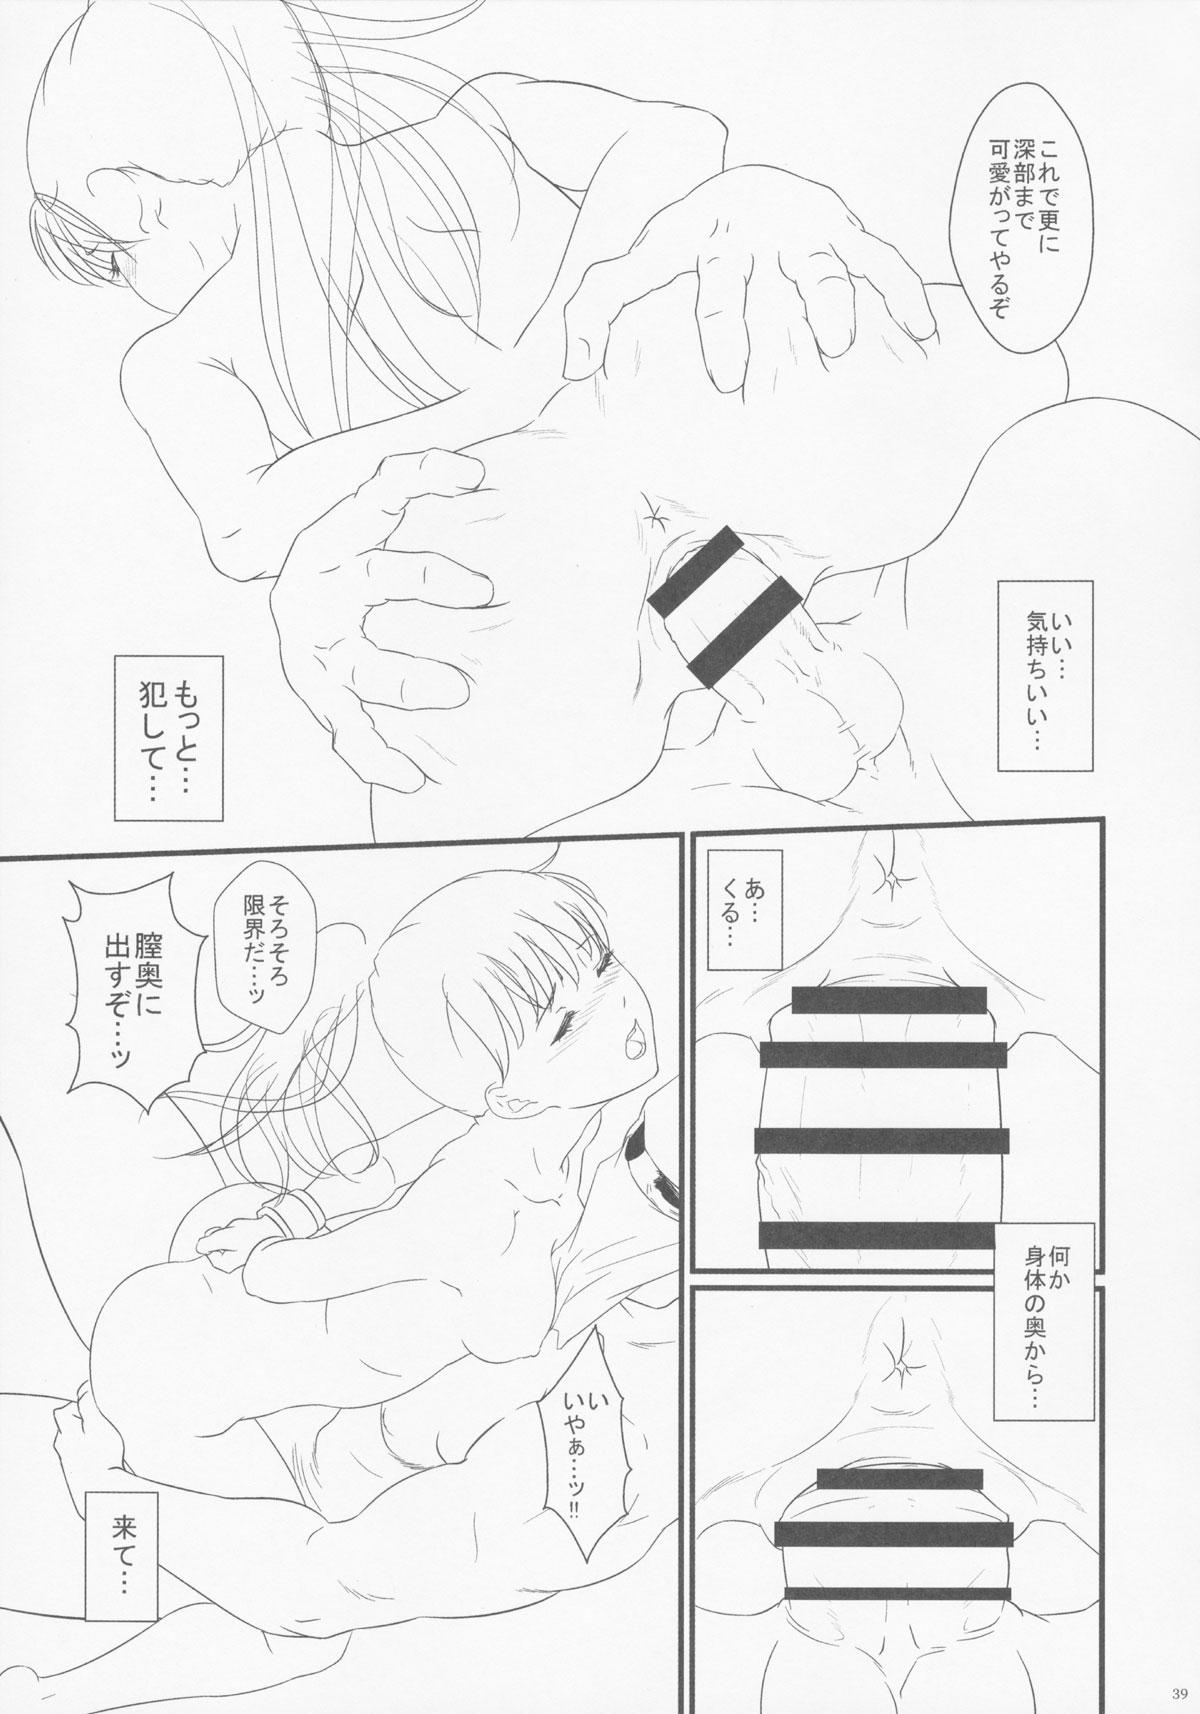 お姉ちゃんの裸みてみたいなぁwぬぎぬぎしようね~wやっダメっ!!あ~ん・・・ママ助けて!!【エロ漫画・エロ同人】 (38)